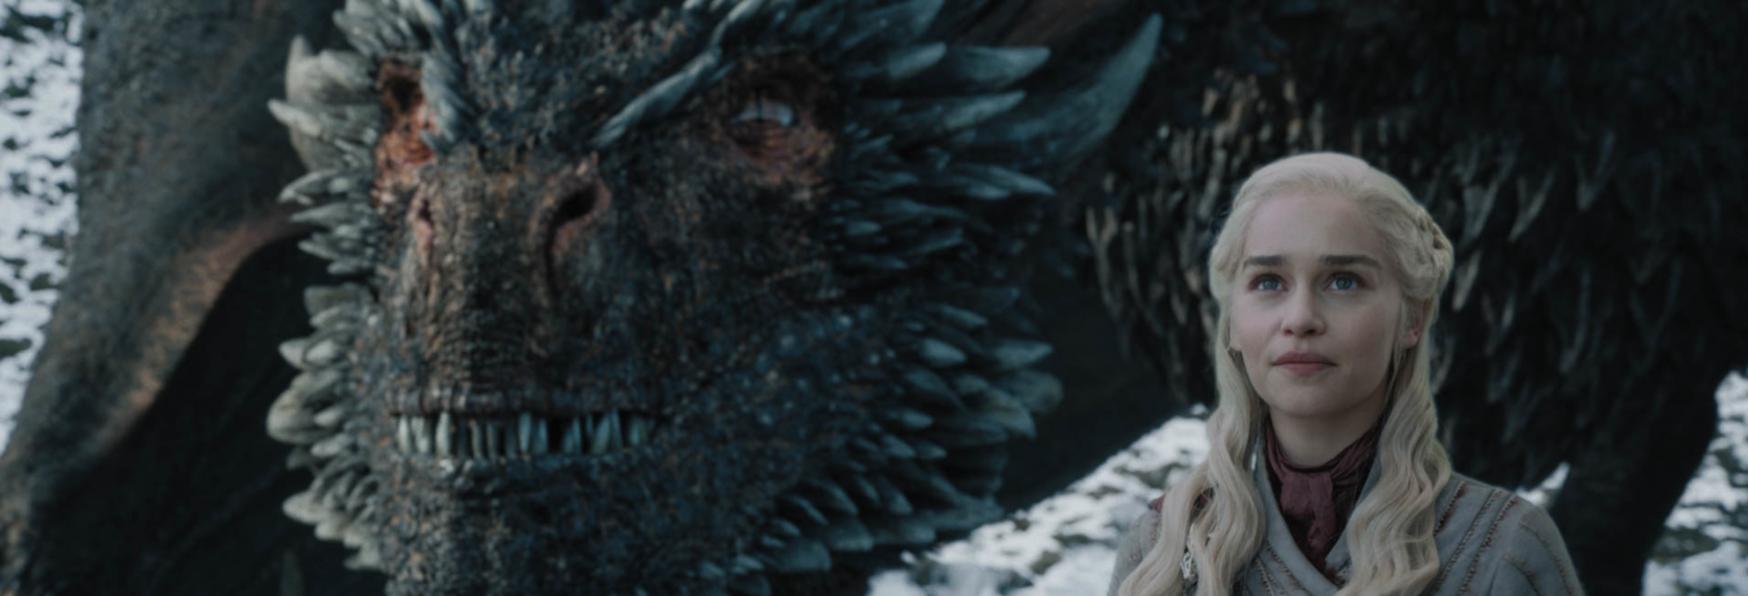 House of the Dragon: HBO Max Conferma che la Serie TV Spin-Off sarà Rilasciata nel 2022